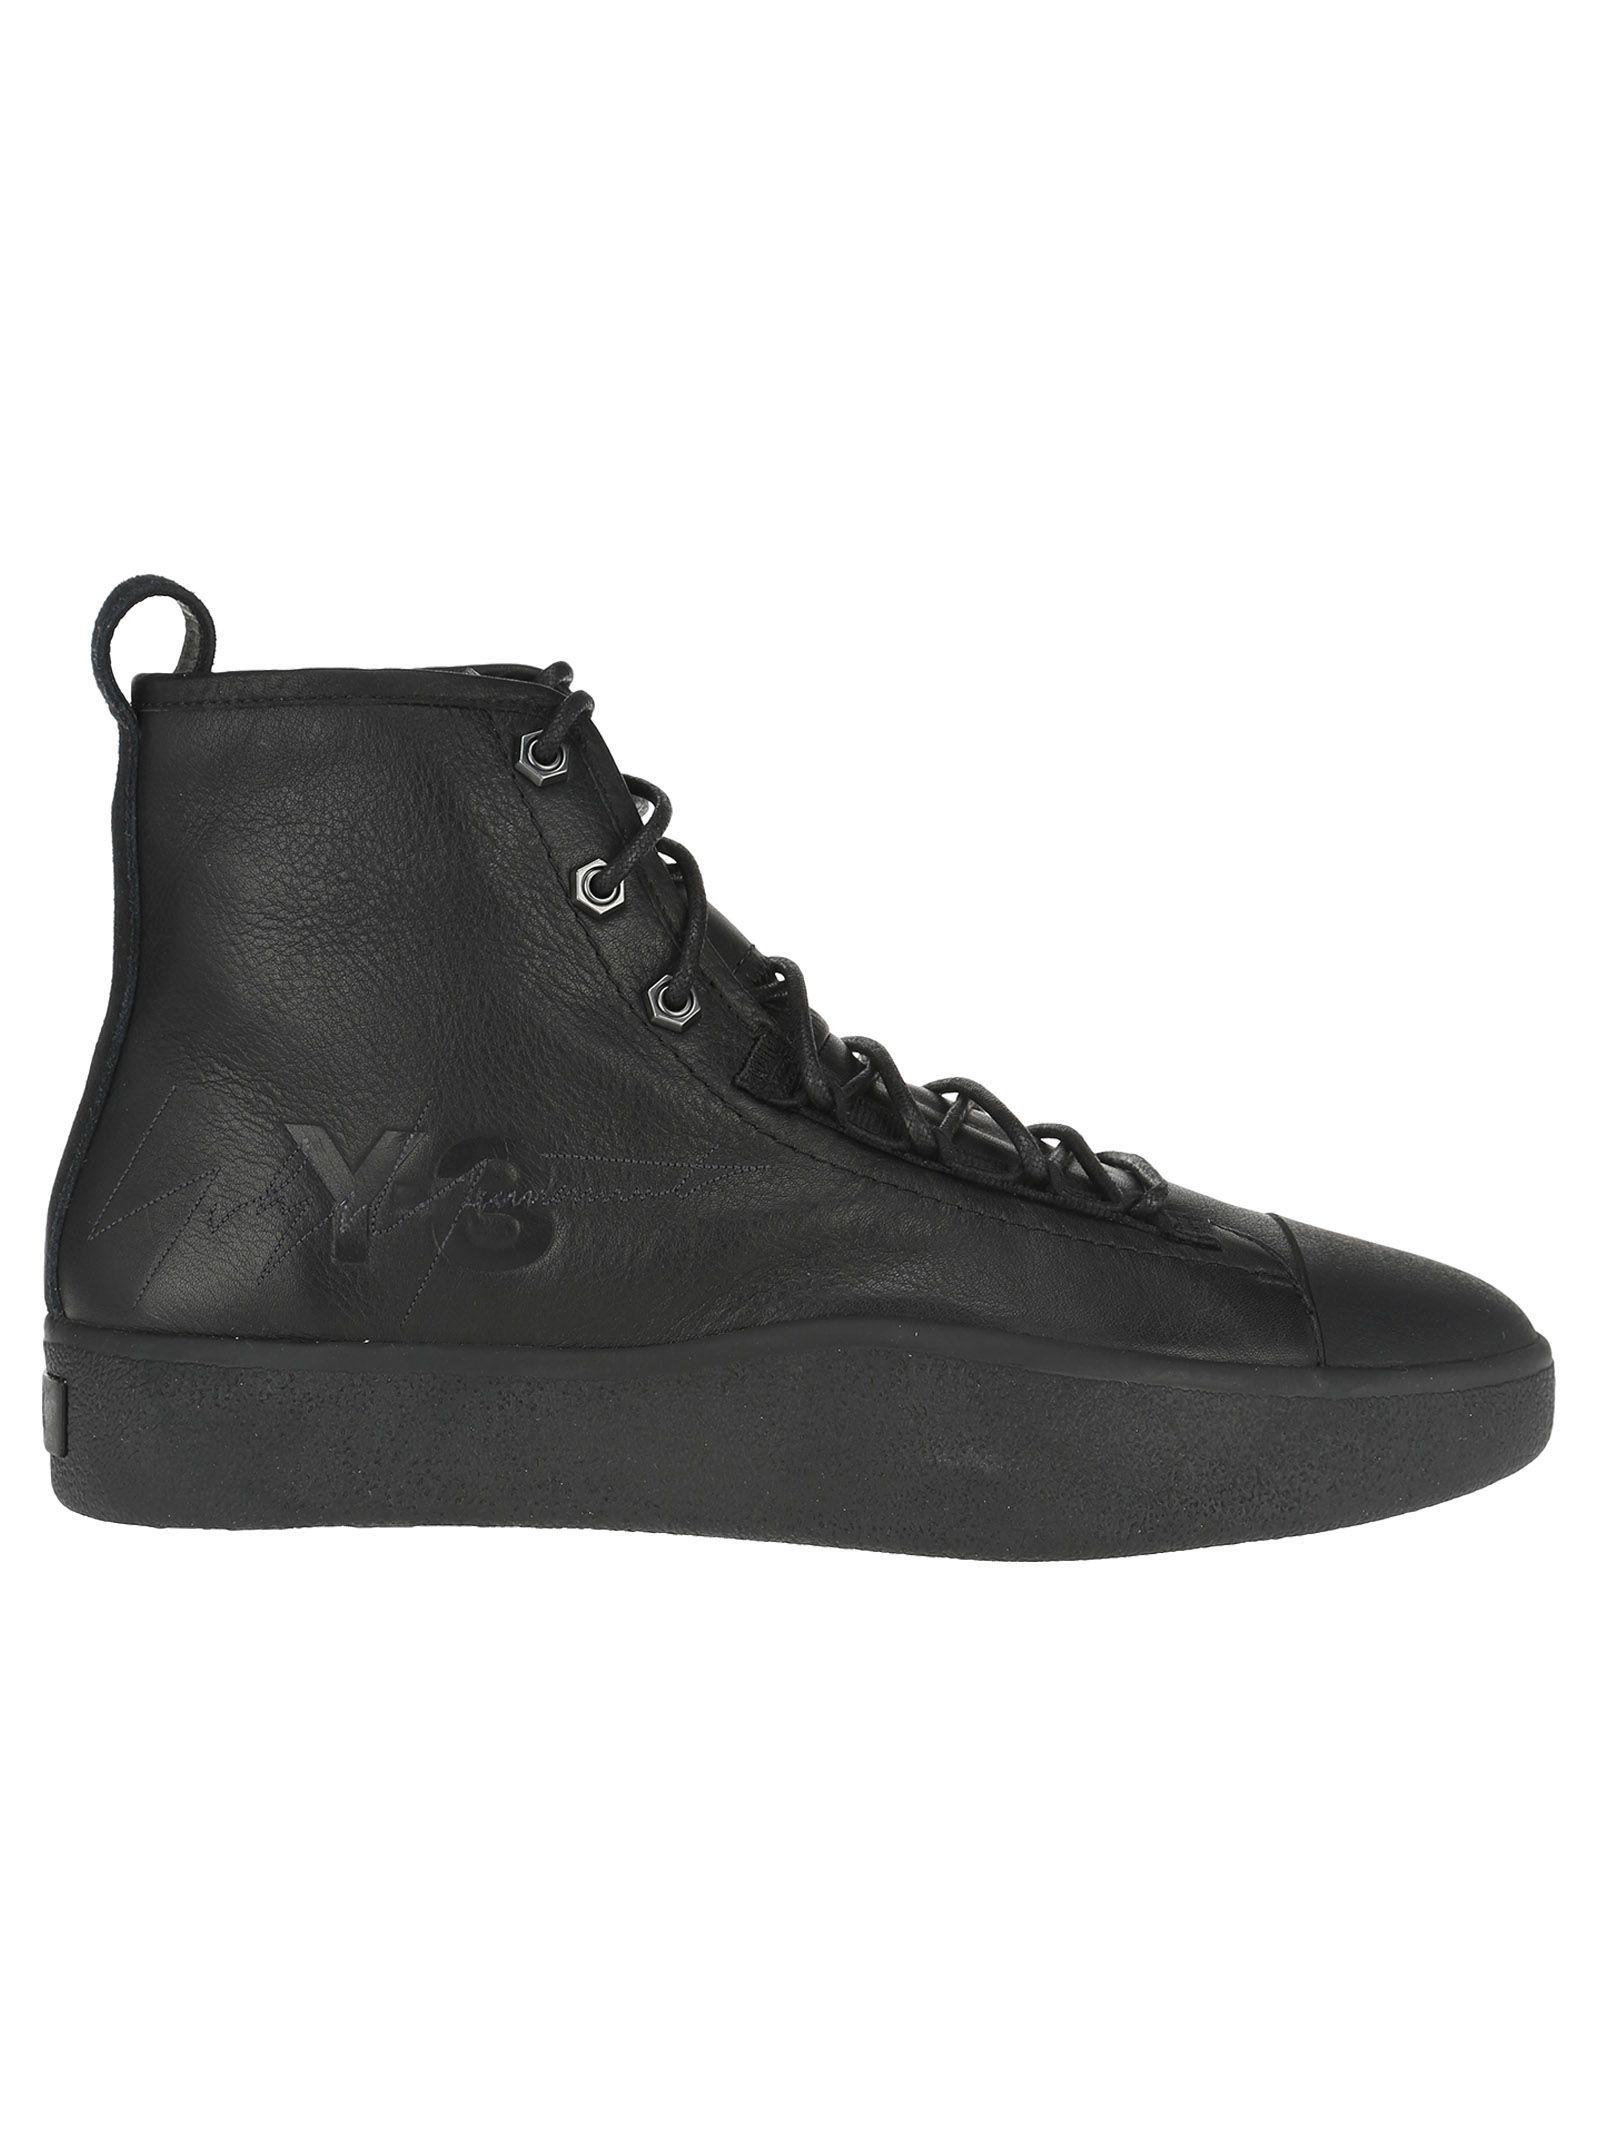 51679d7d80f70 Y-3 ADIDAS Y3 BASHYO 2.  y-3  shoes